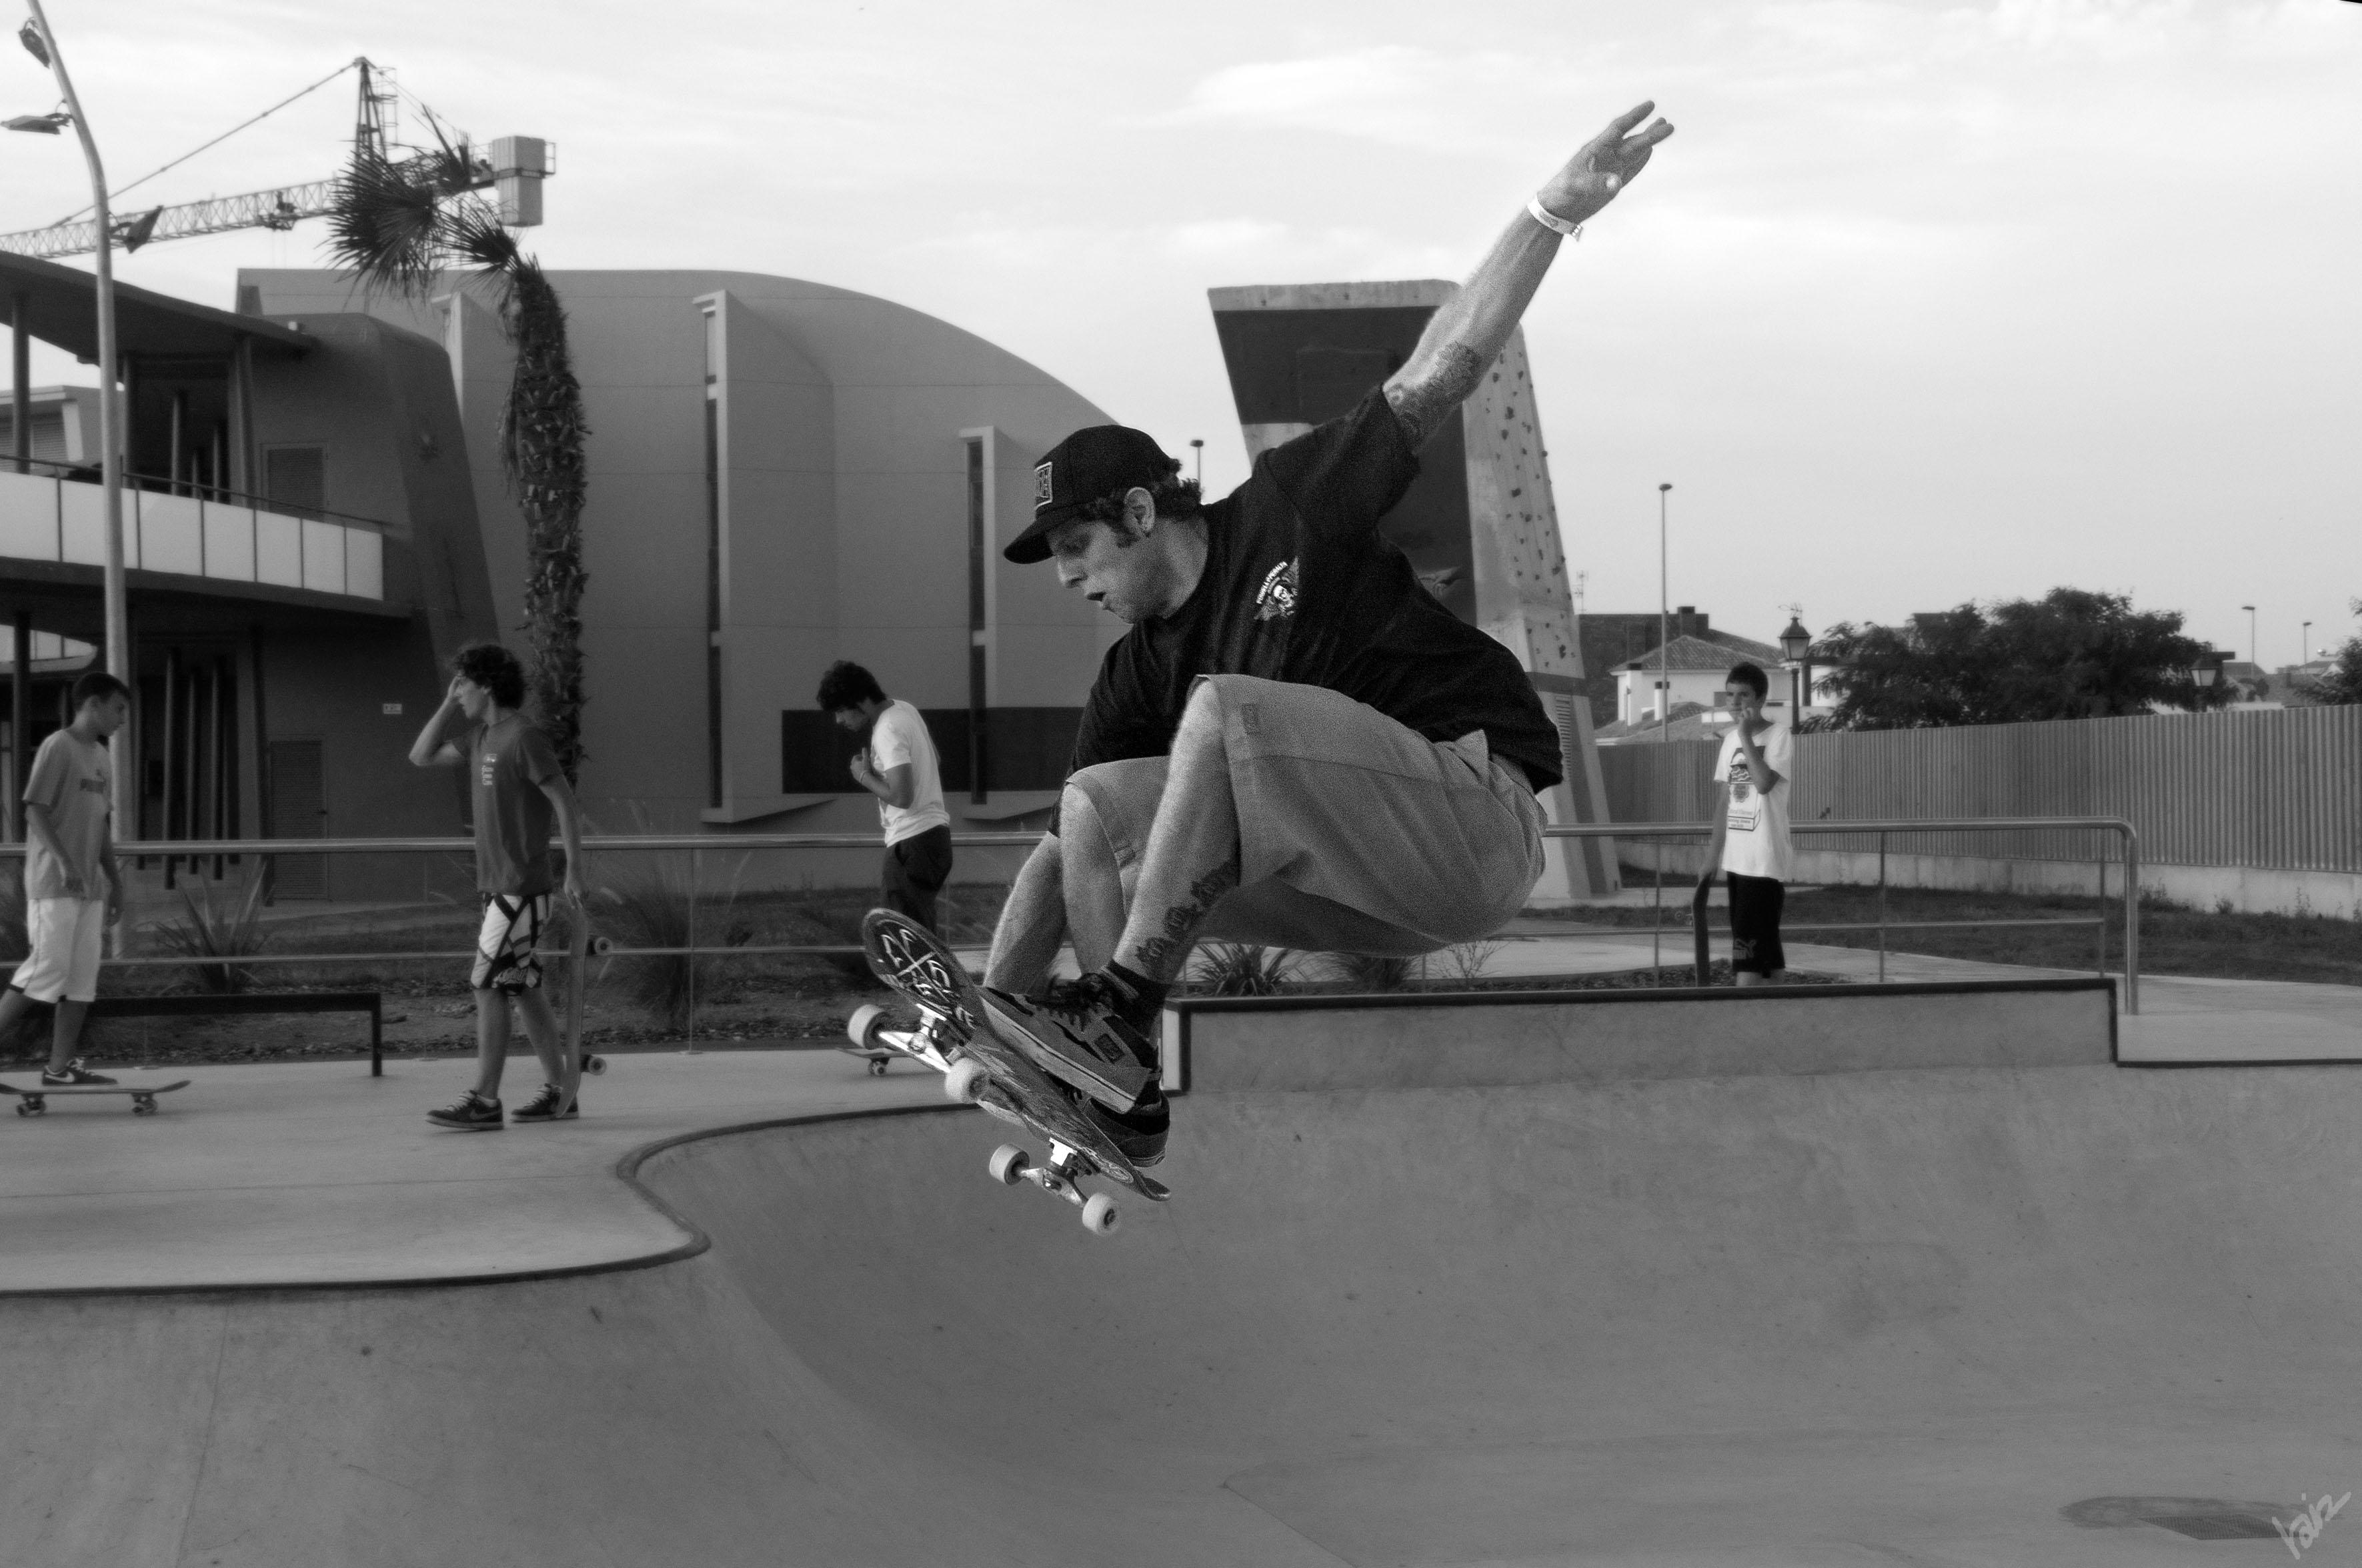 b-skate-3